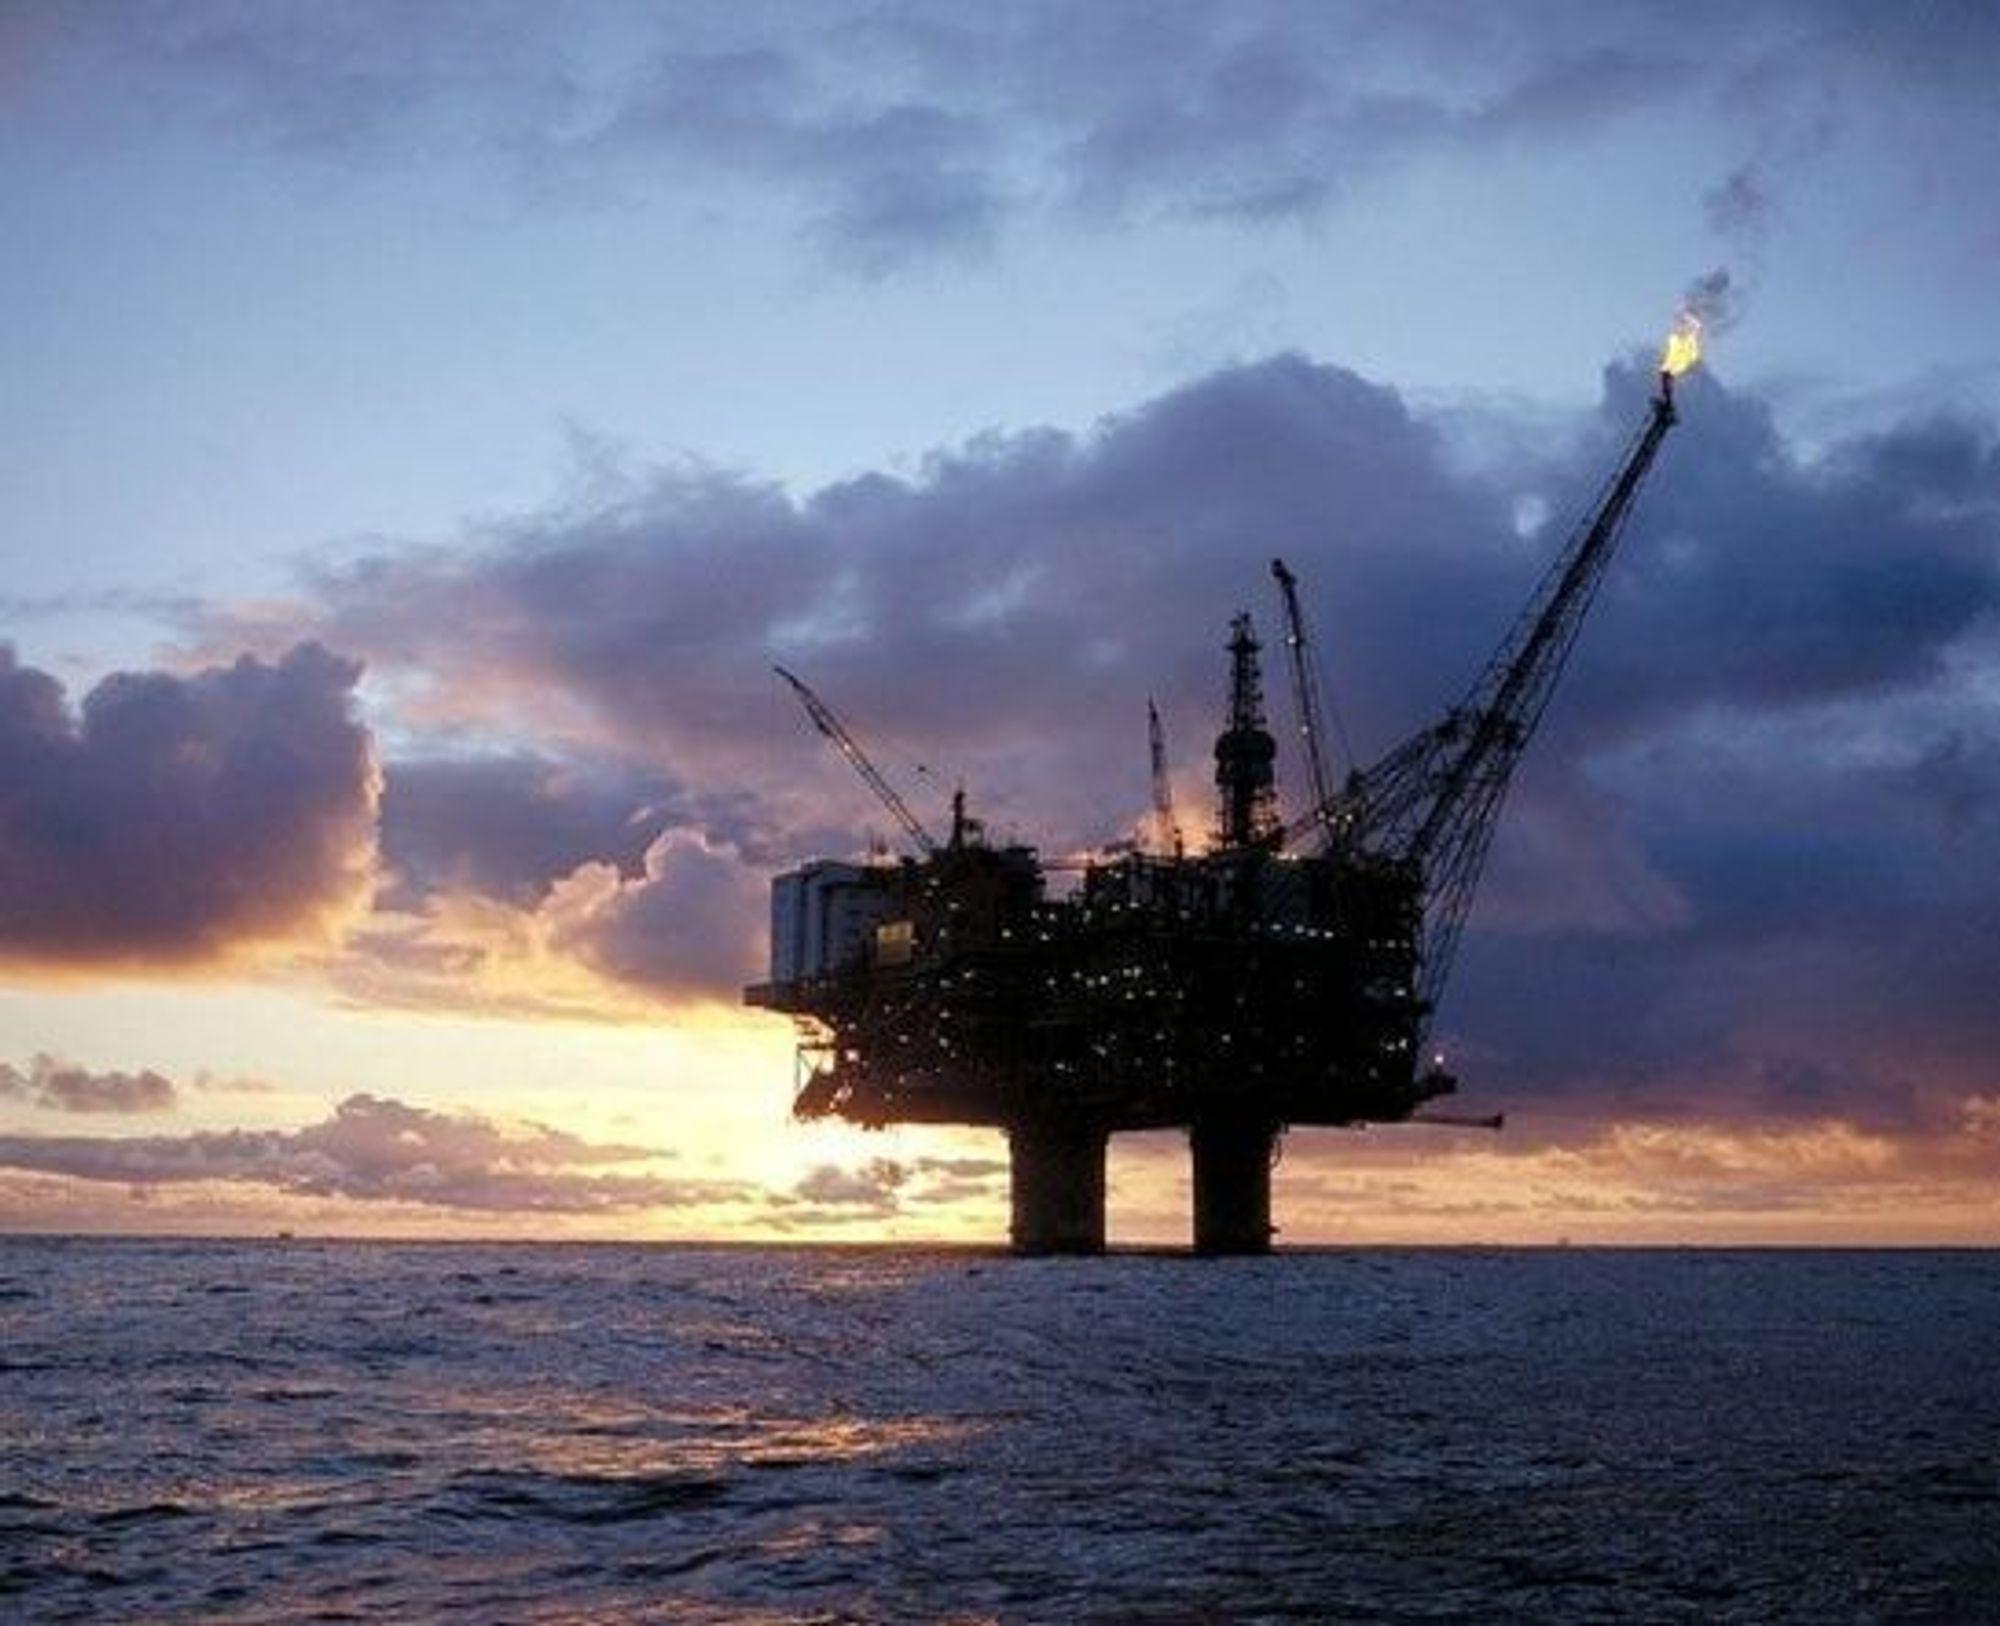 Etter nytt HMS-regelverk i 2002, tok Oljeindustriens Landsforening (OLF) og Rederiforbundet initiativ til opplæringsprosjektet RVK. Arkivfoto (RegelVerksKompetanse).